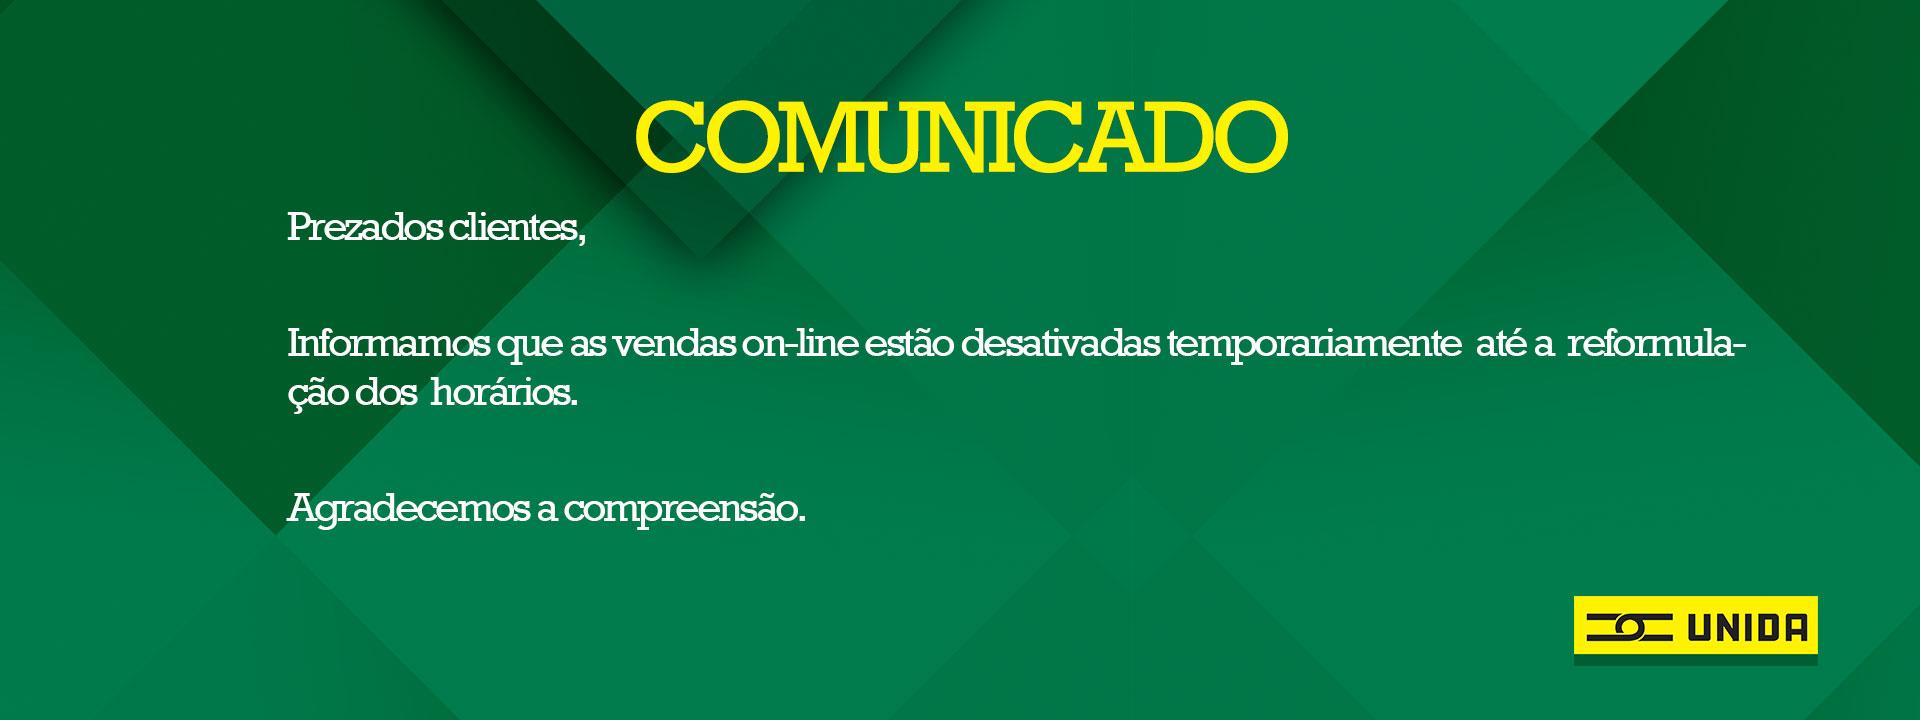 Comunicado Vendas on-line